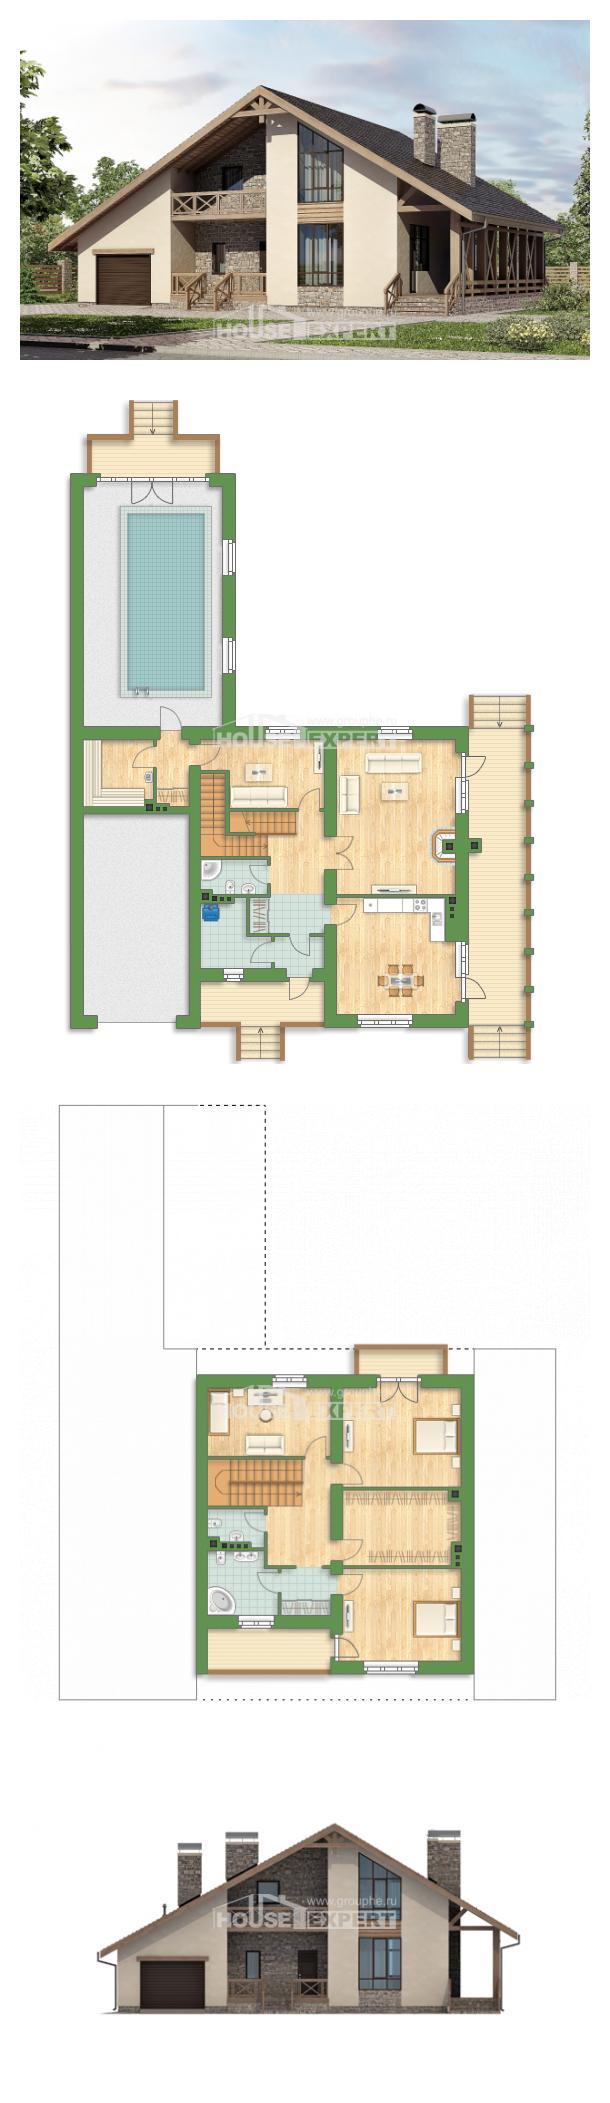 Plan 265-001-L   House Expert